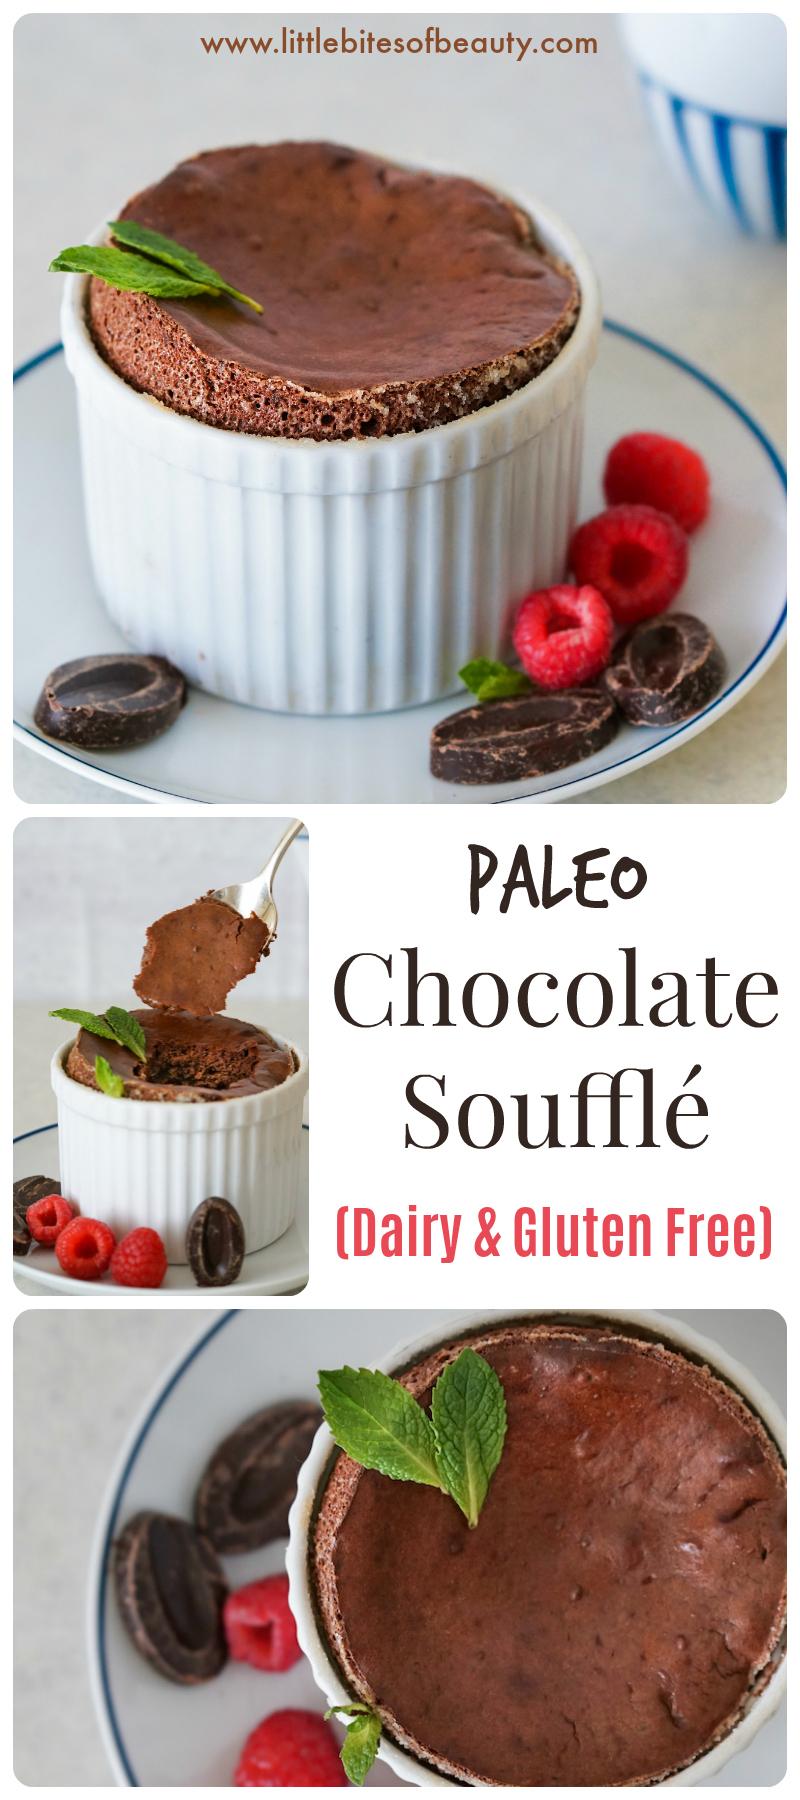 Paleo Chocolate Soufflé (Nut, Dairy & Gluten Free)